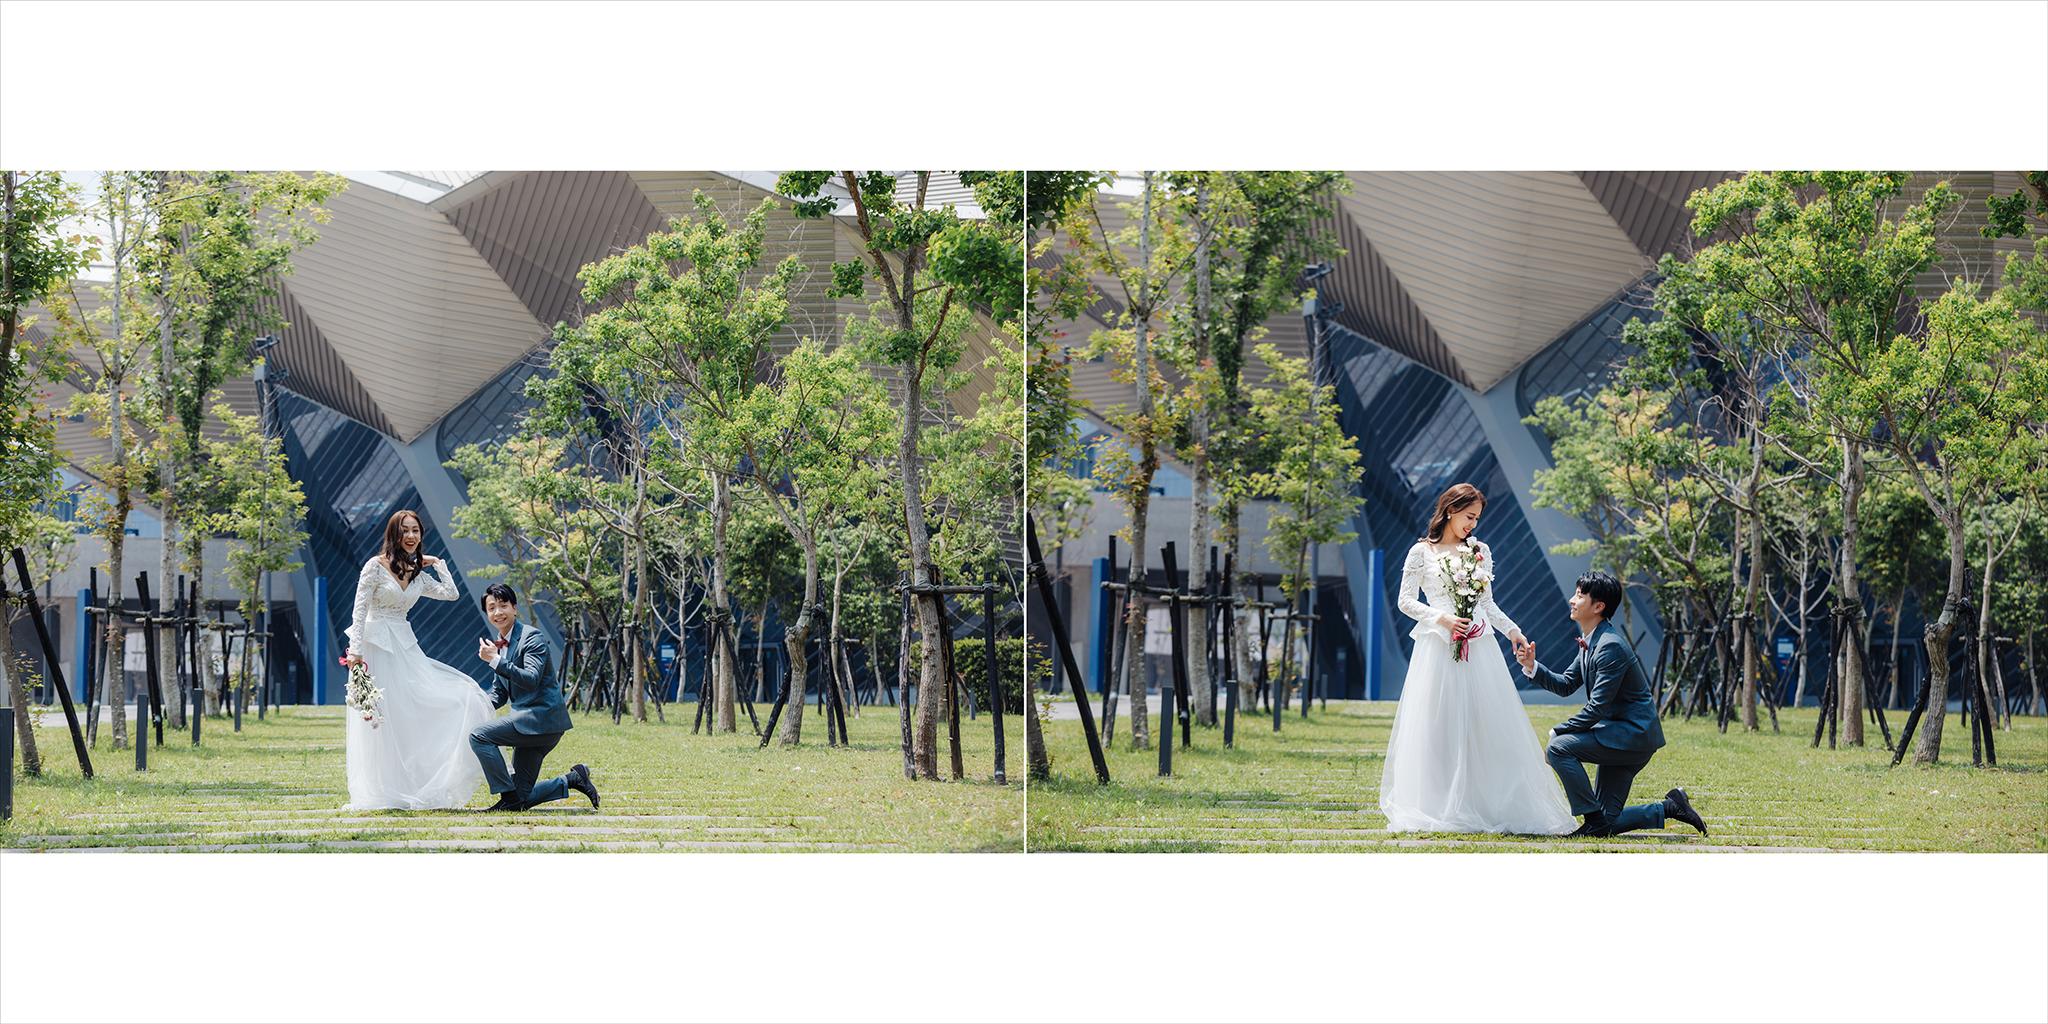 49923545436 c5a8640b08 o - 【自主婚紗】+Calvin & Kaori+